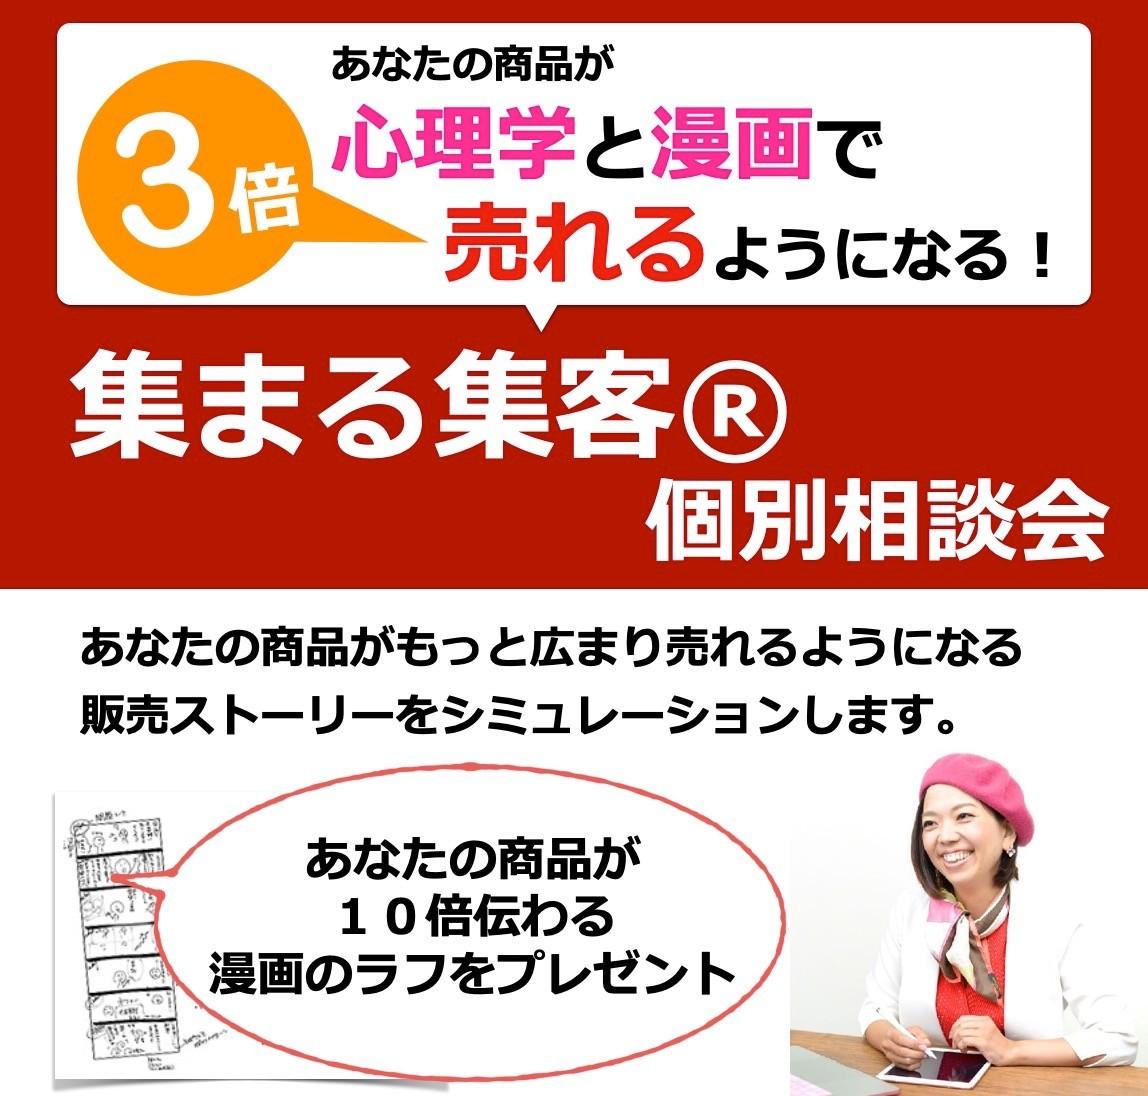 個別相談会2020-07-28 16.23.22.jpg